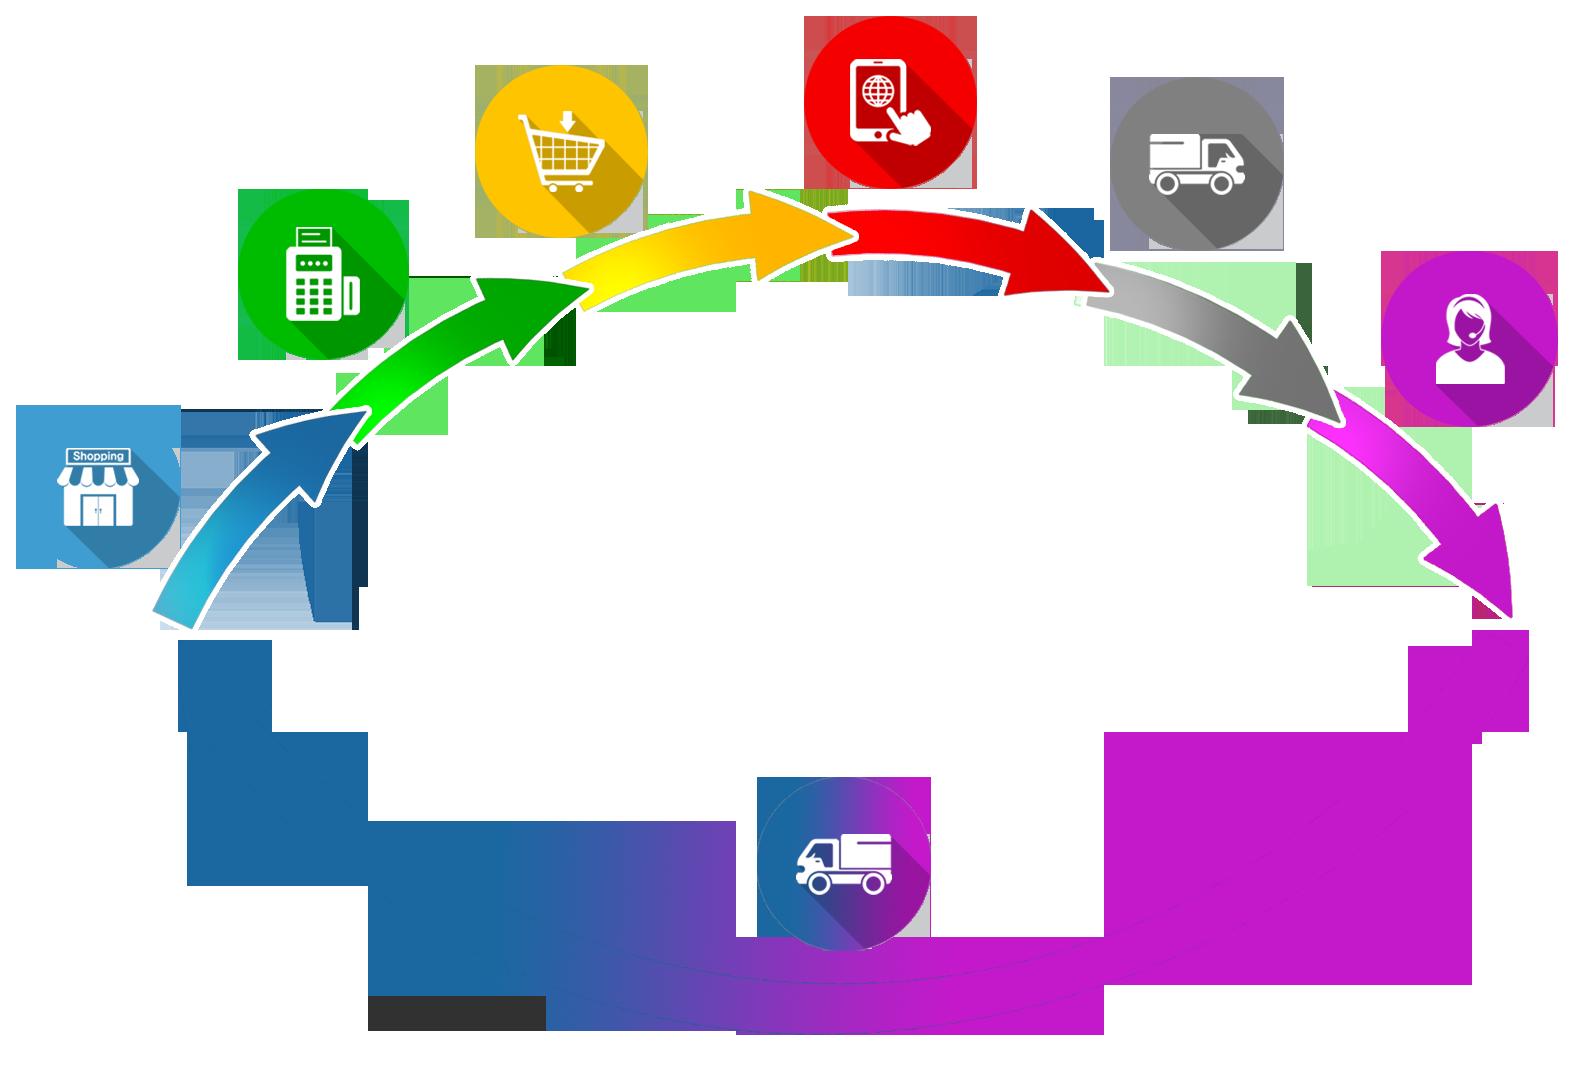 etapy realizacji zamówienia i dostaw